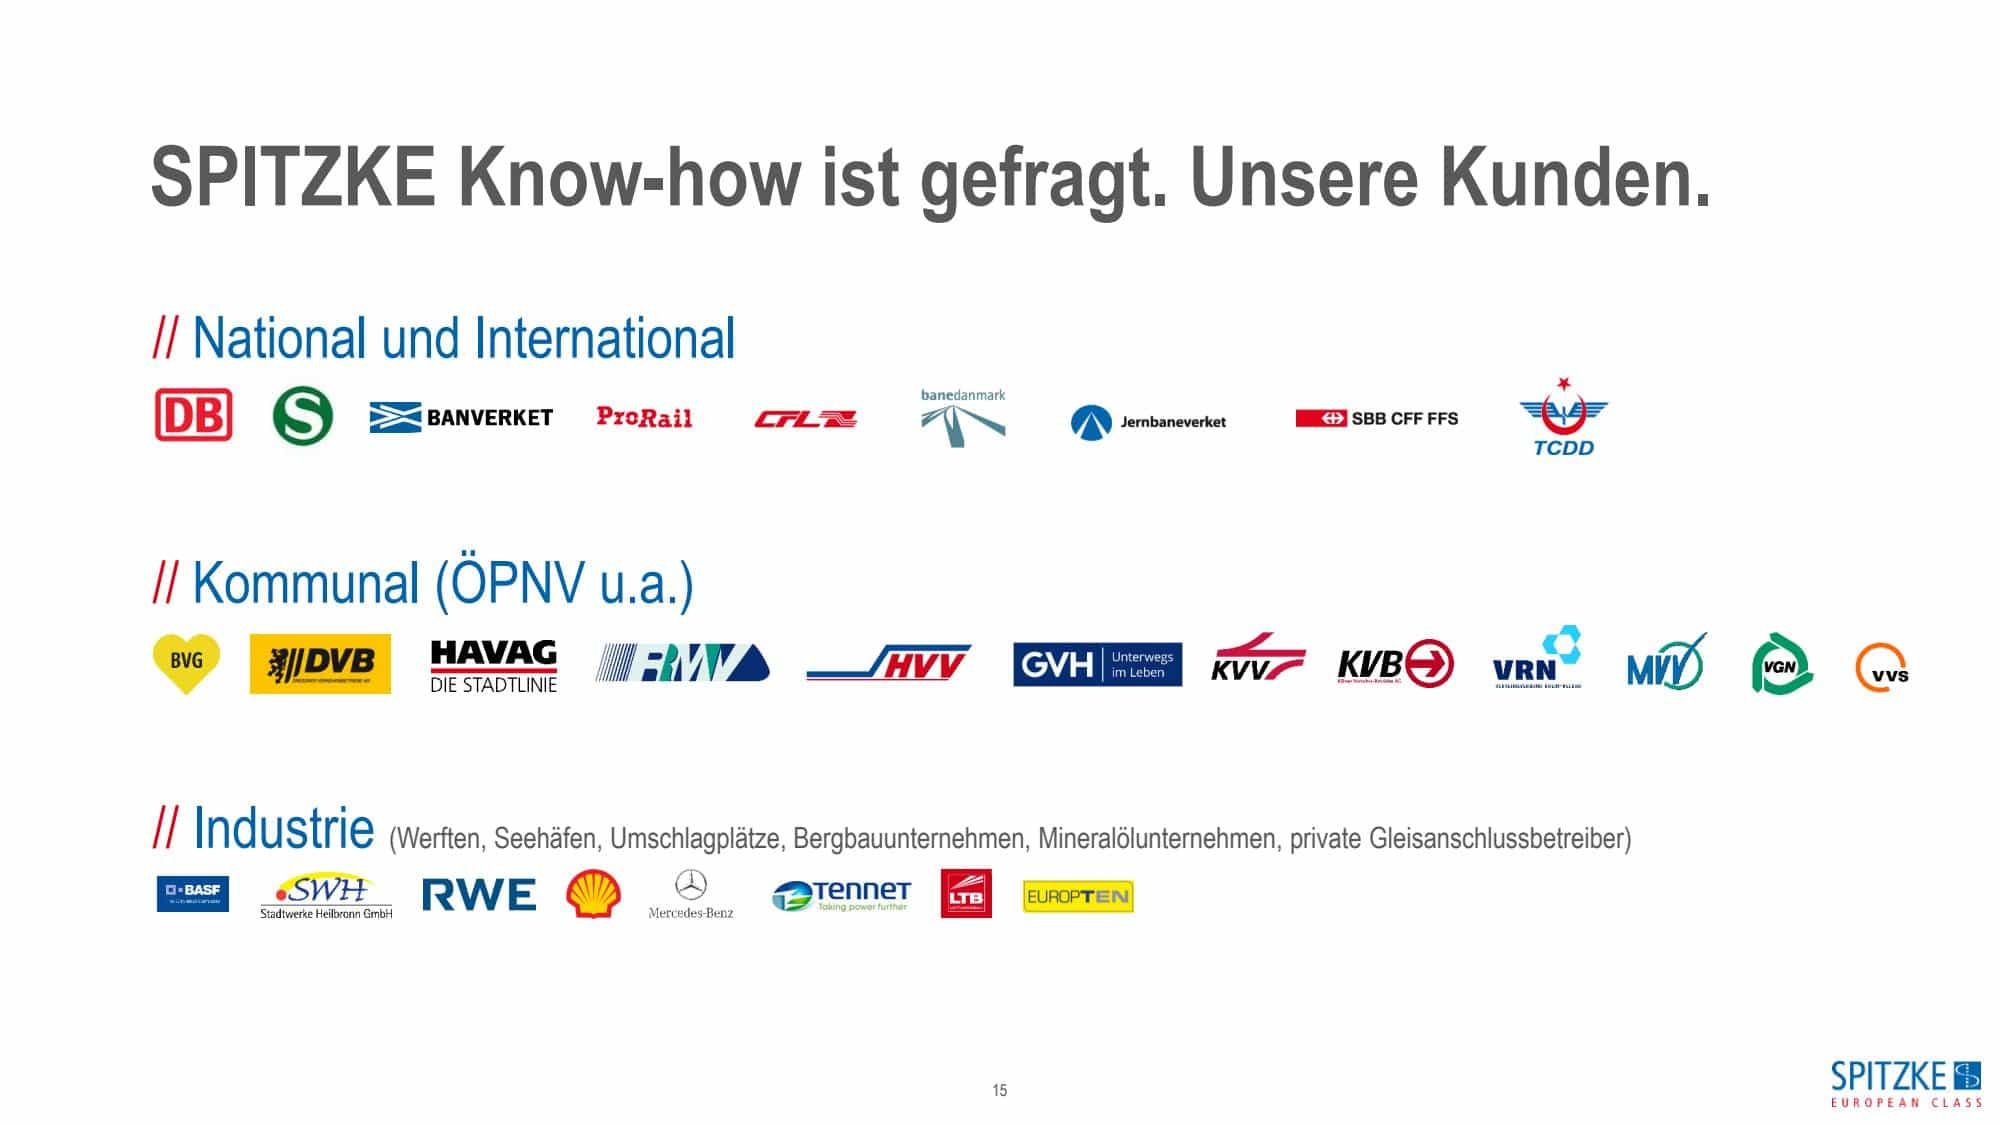 Präsentation UG SPITZKE_2020_HR_page_15